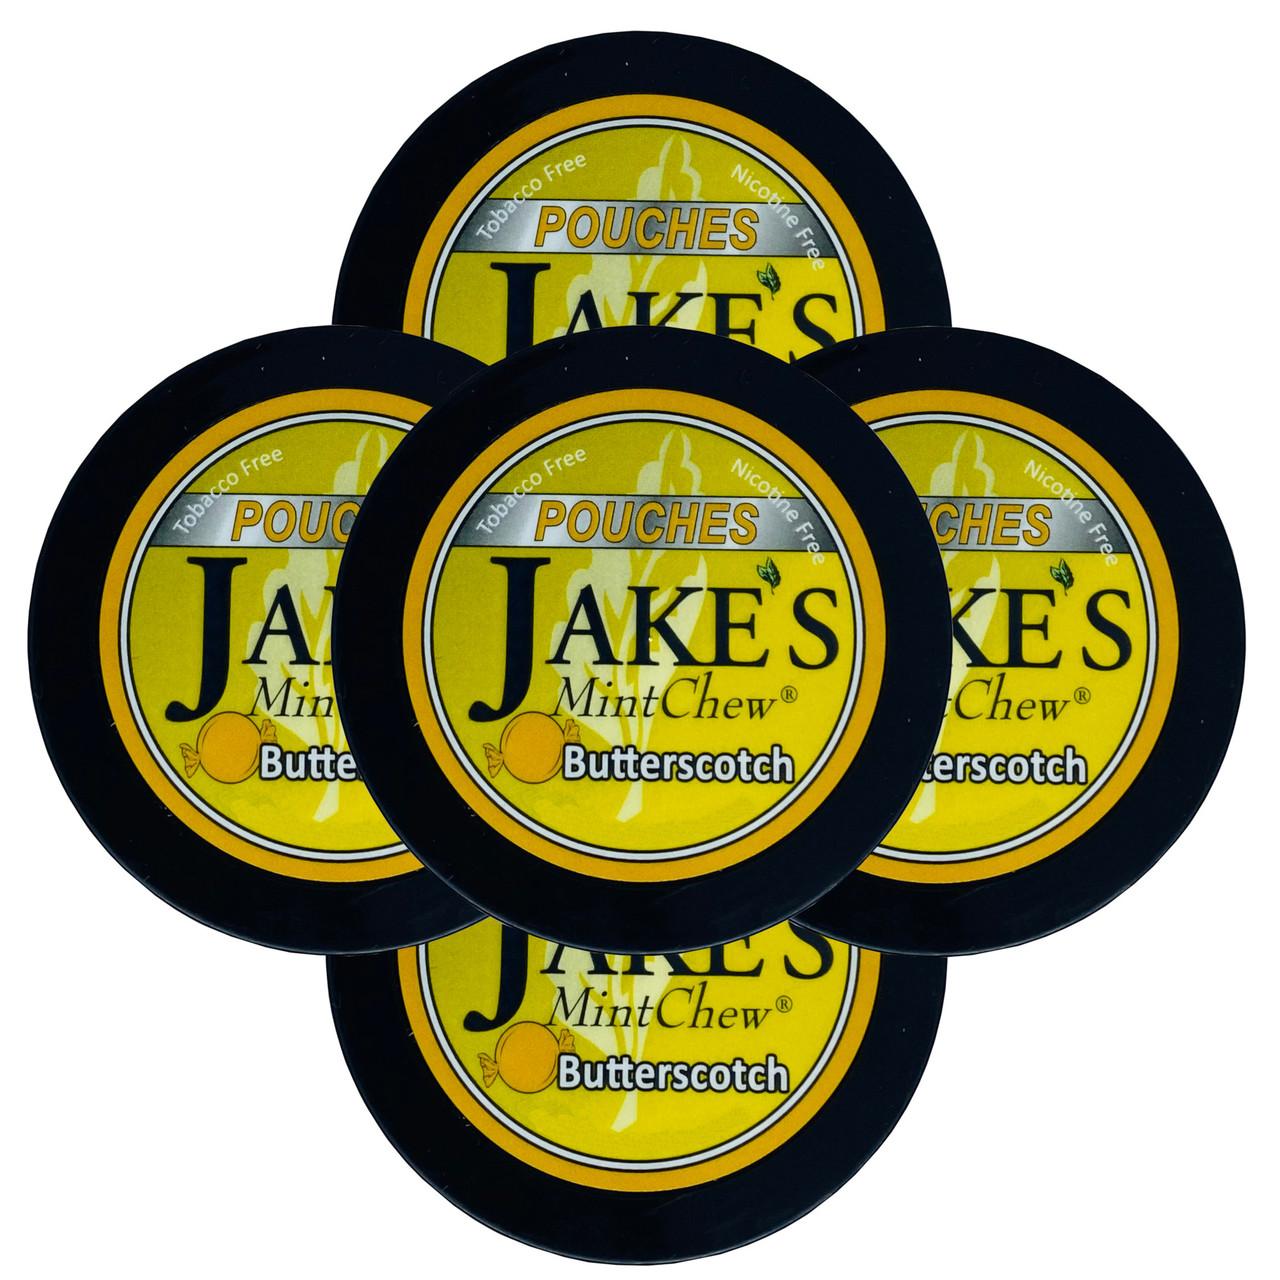 Jake's Mint Chew Pouches Butterscotch 5 Cans